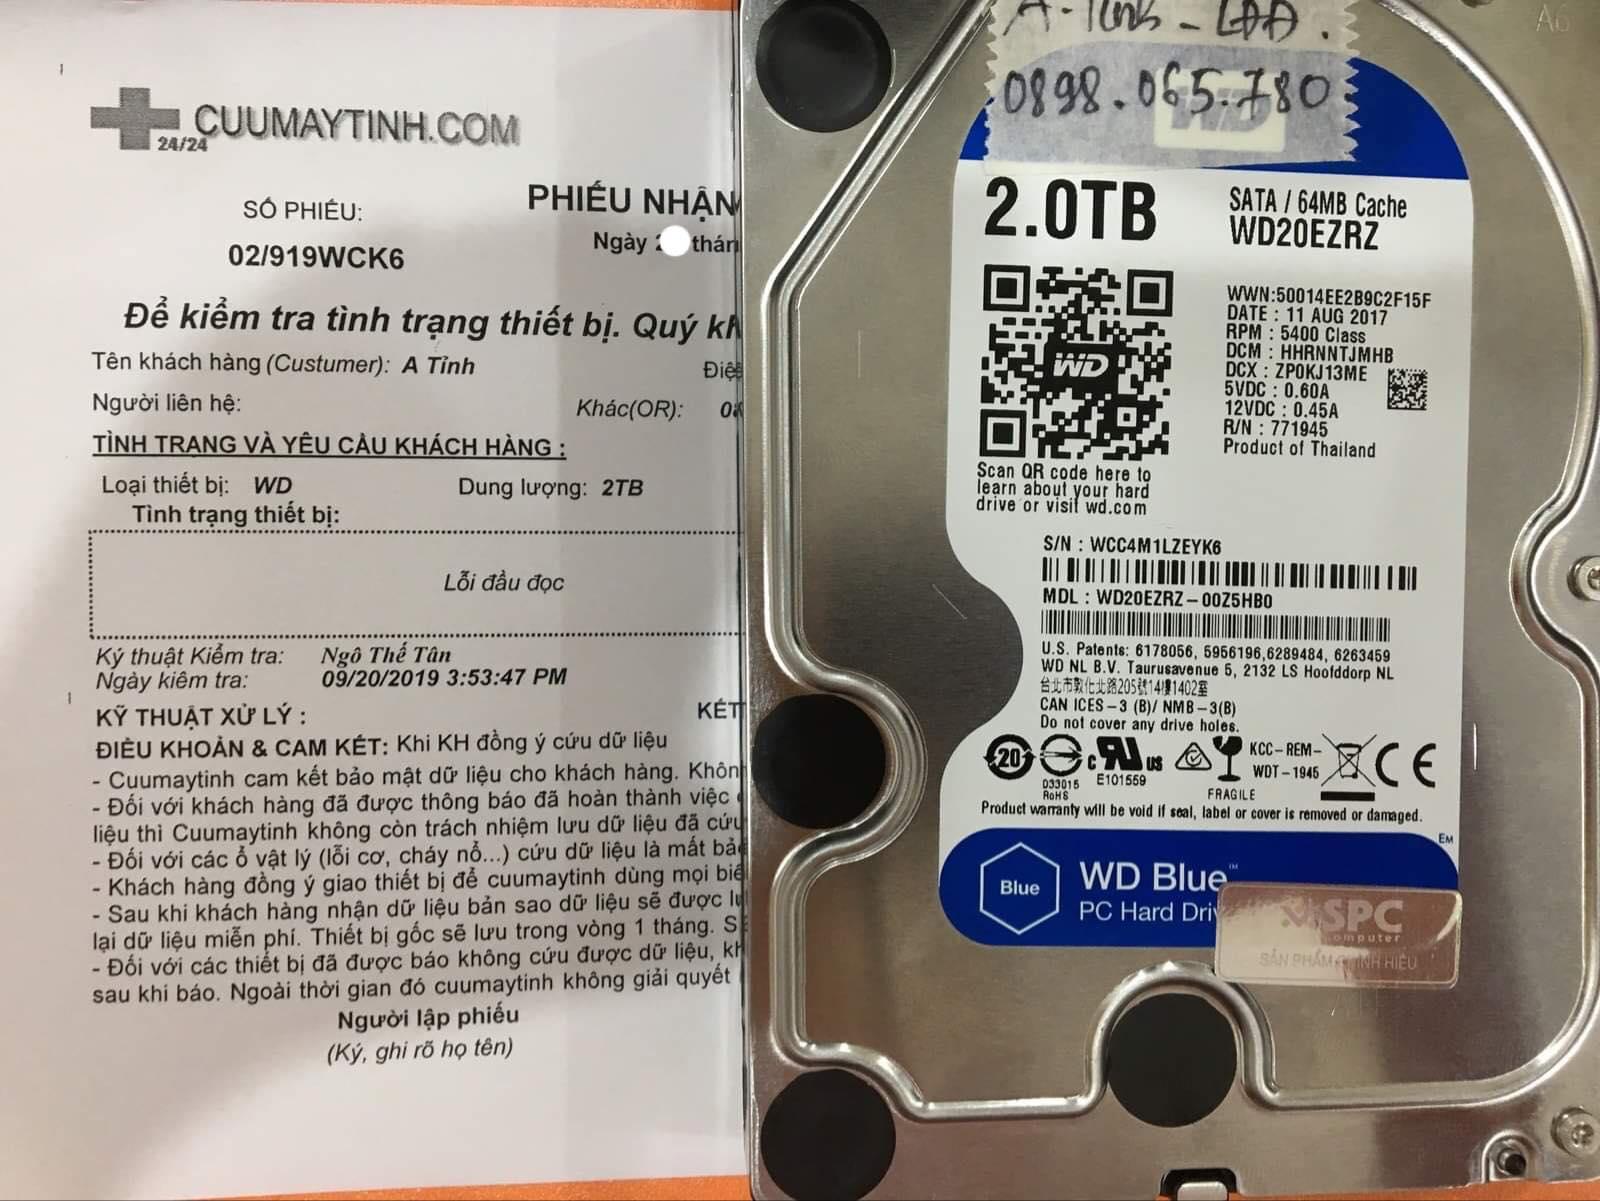 Khôi phục dữ liệu ổ cứng Western 2TB không nhận 30/09/2019 - cuumaytinh